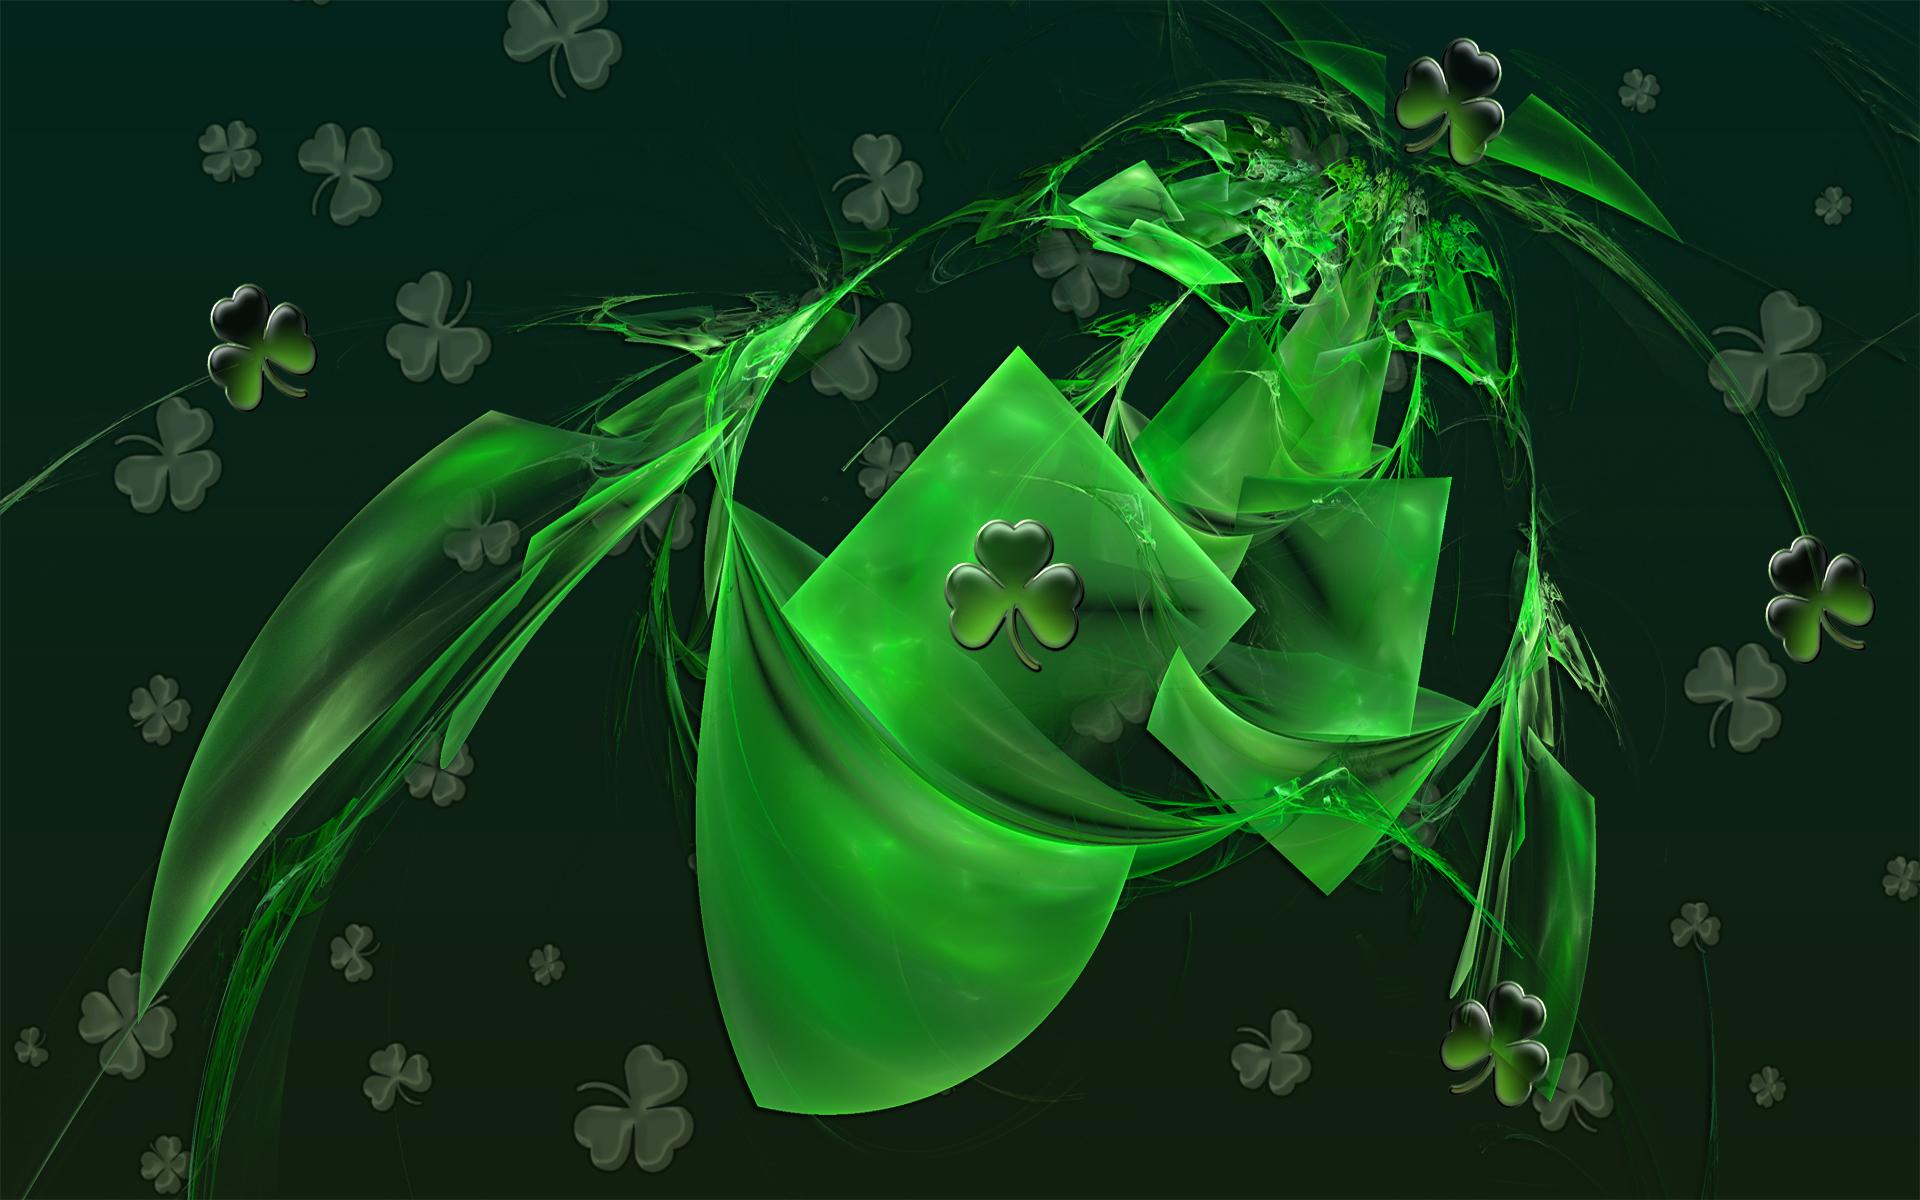 Saint Patricks Abstract